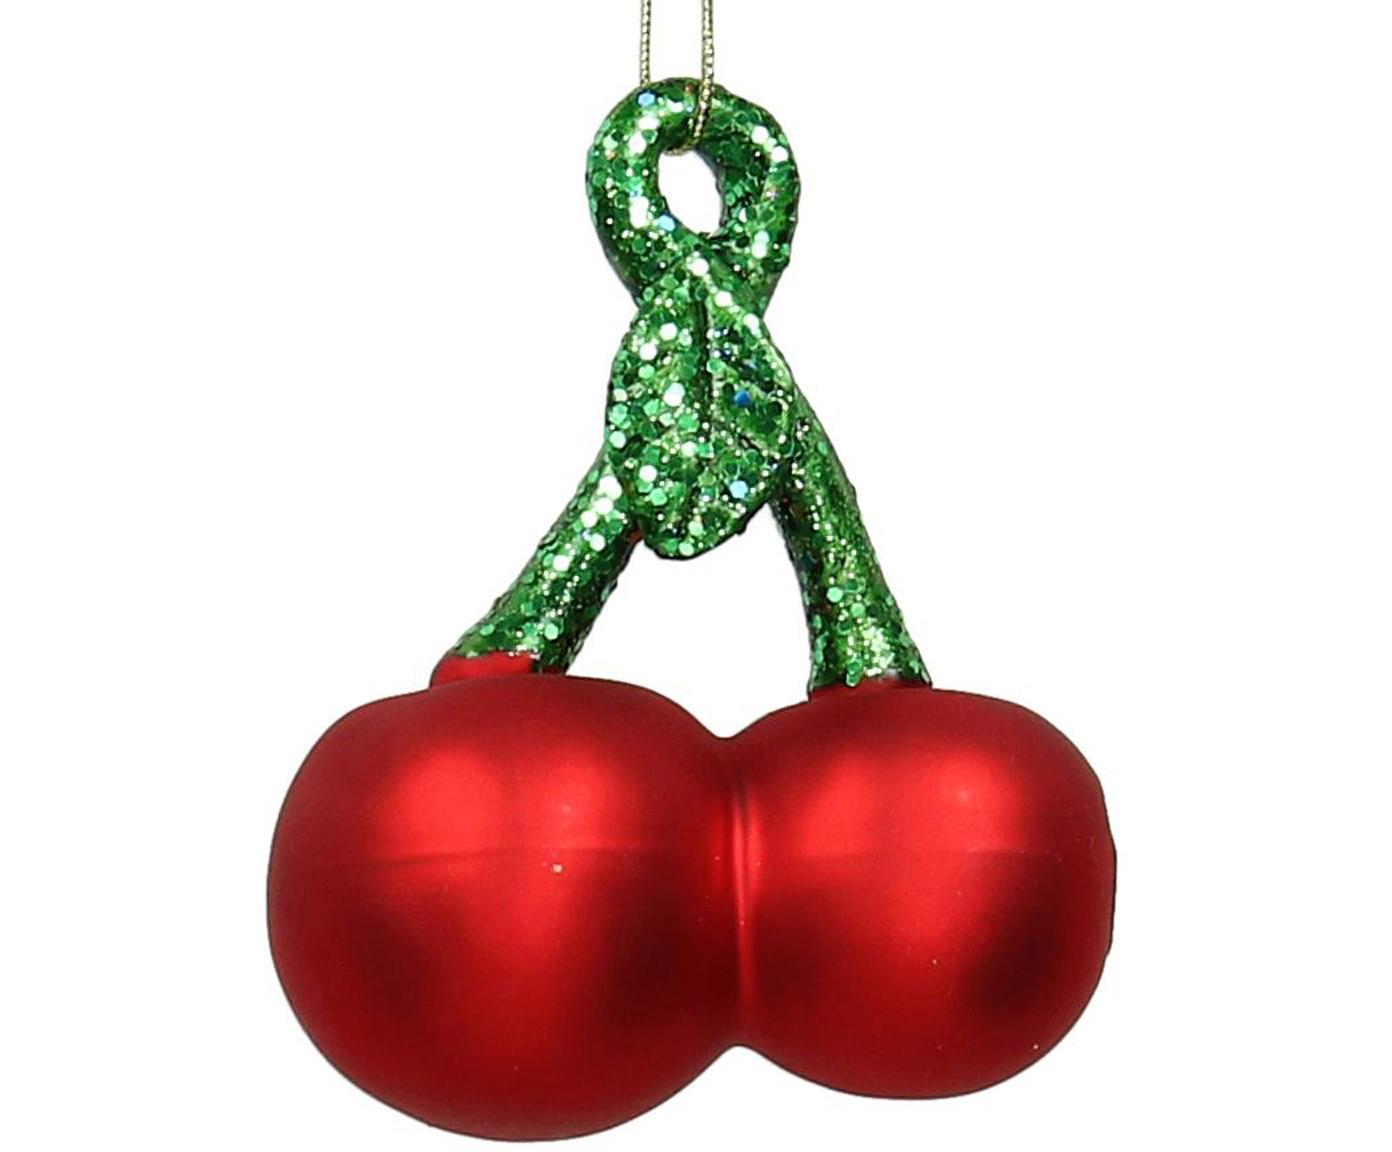 Baumanhänger Cherry, 2 Stück, Rot, Grün, 8 x 8 cm